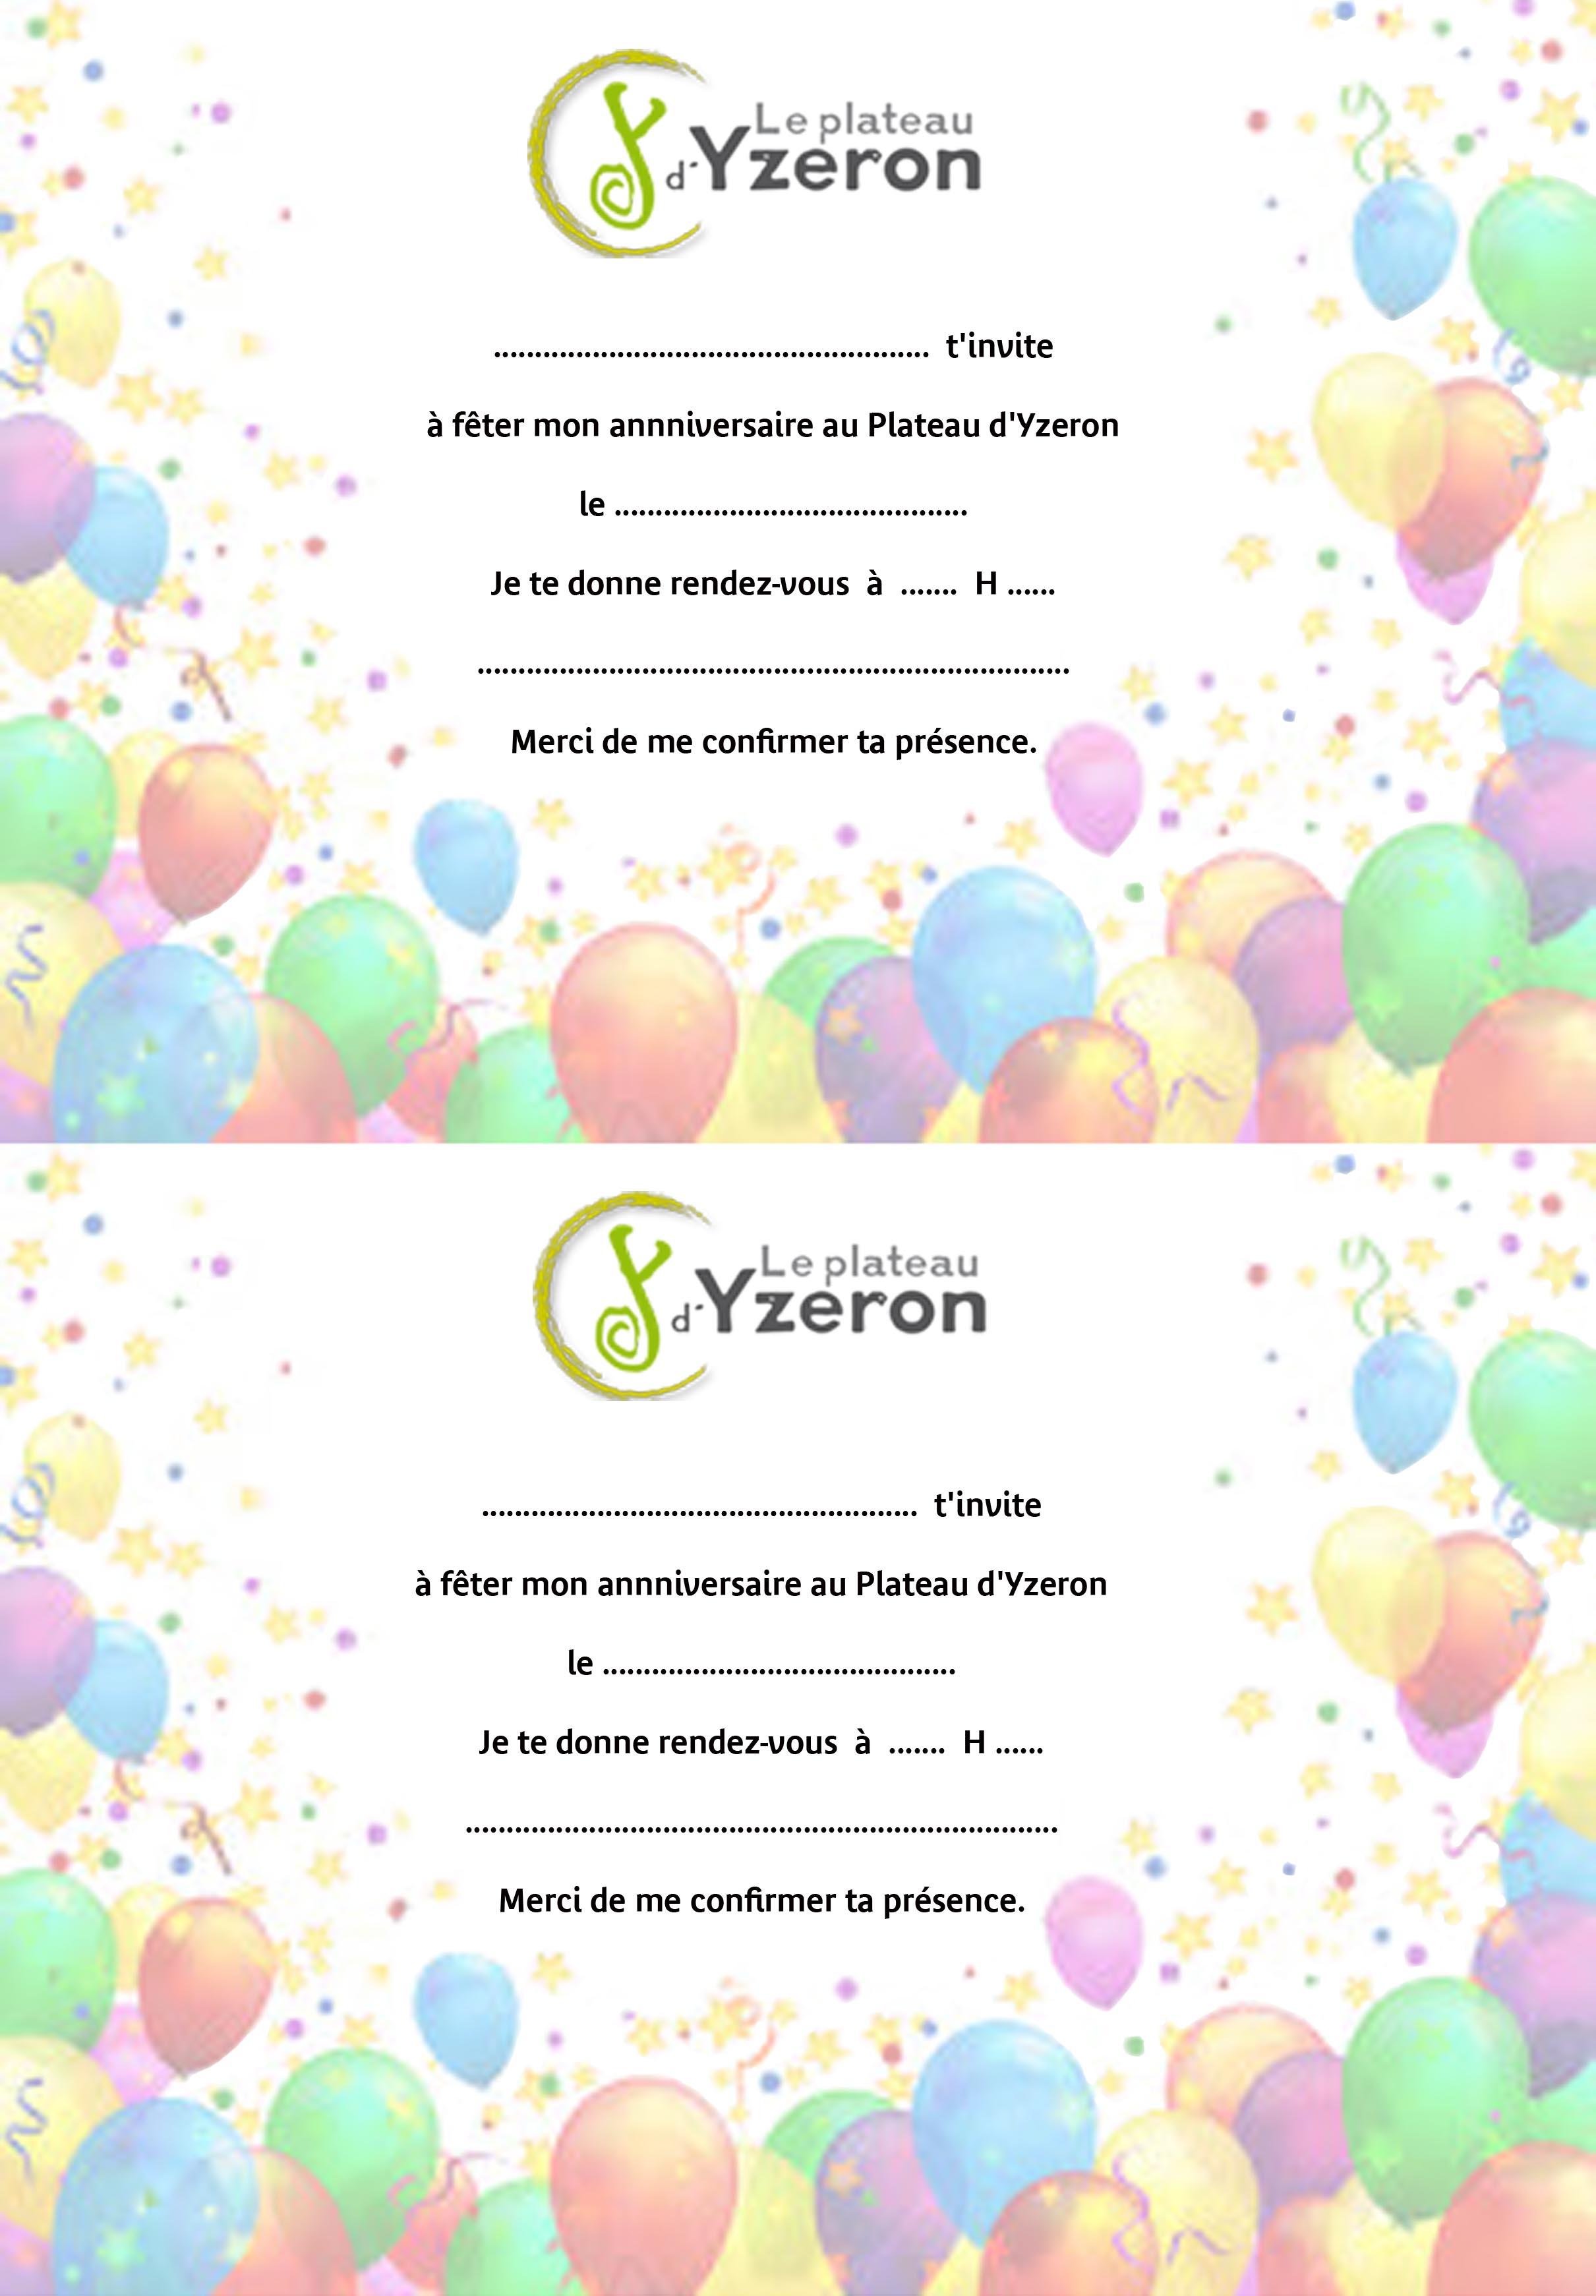 Carte d'invitation pour un anniversaire